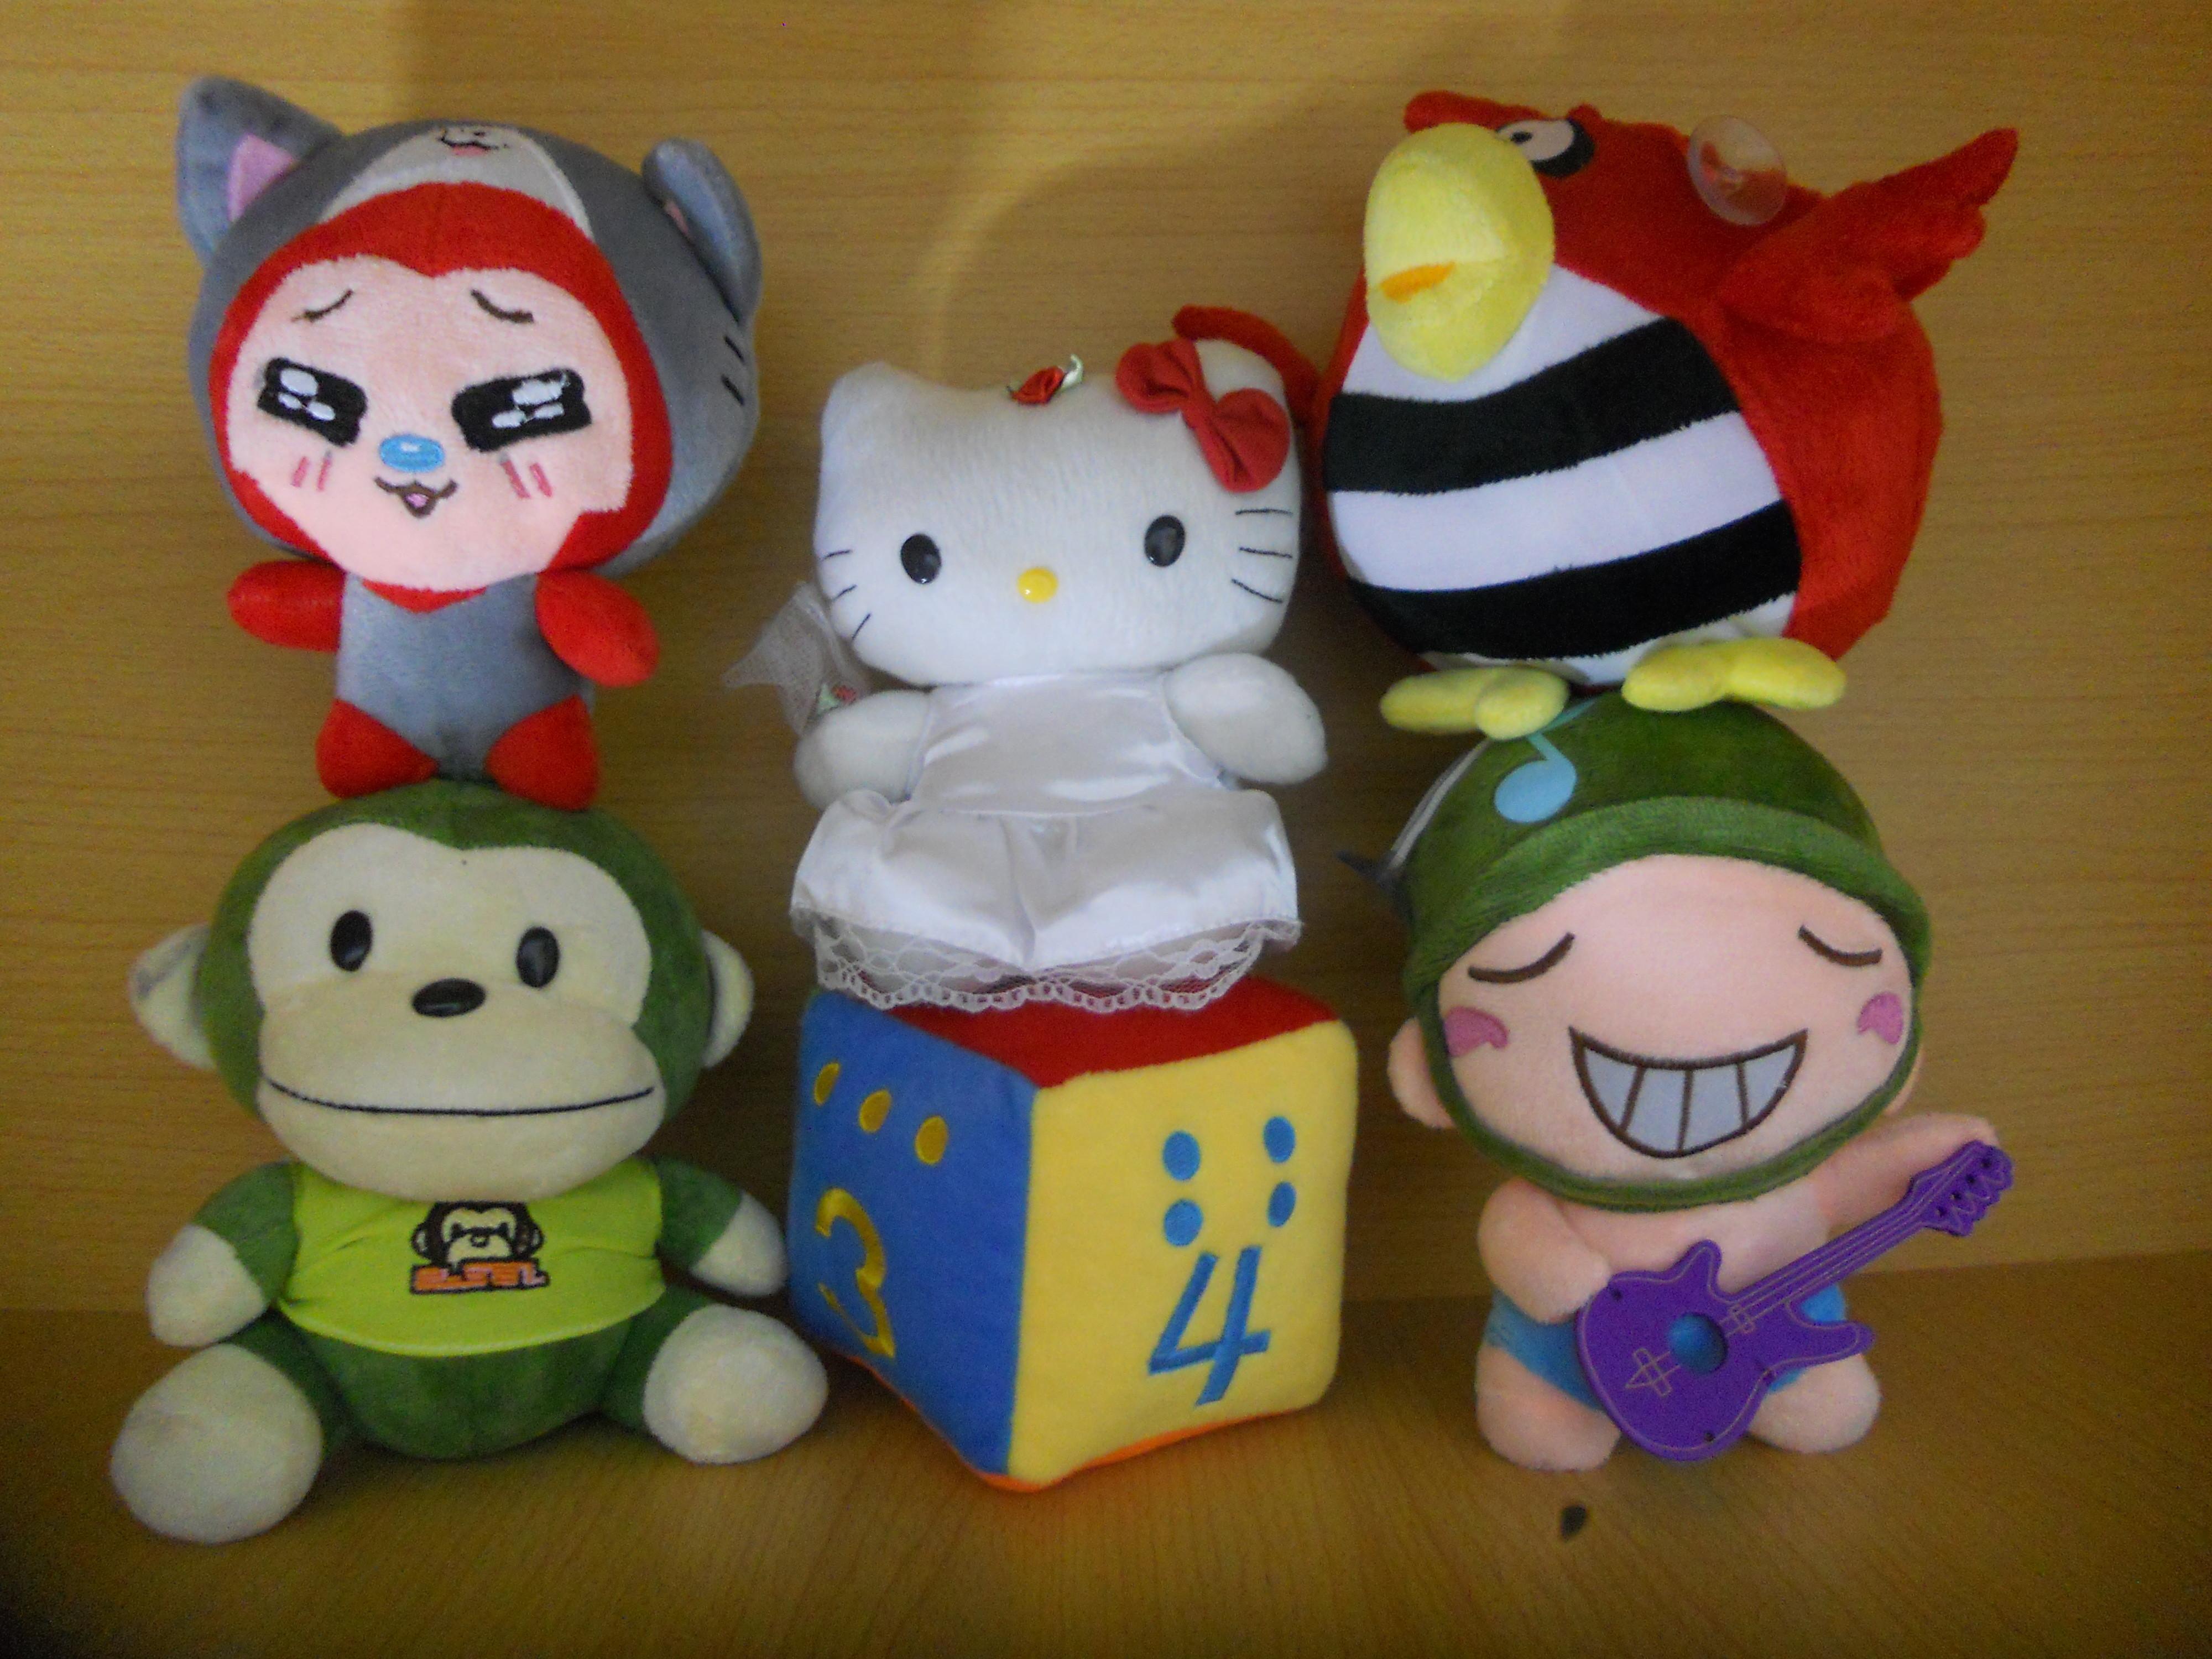 可爱的小娃娃们,先给你们一个集体照